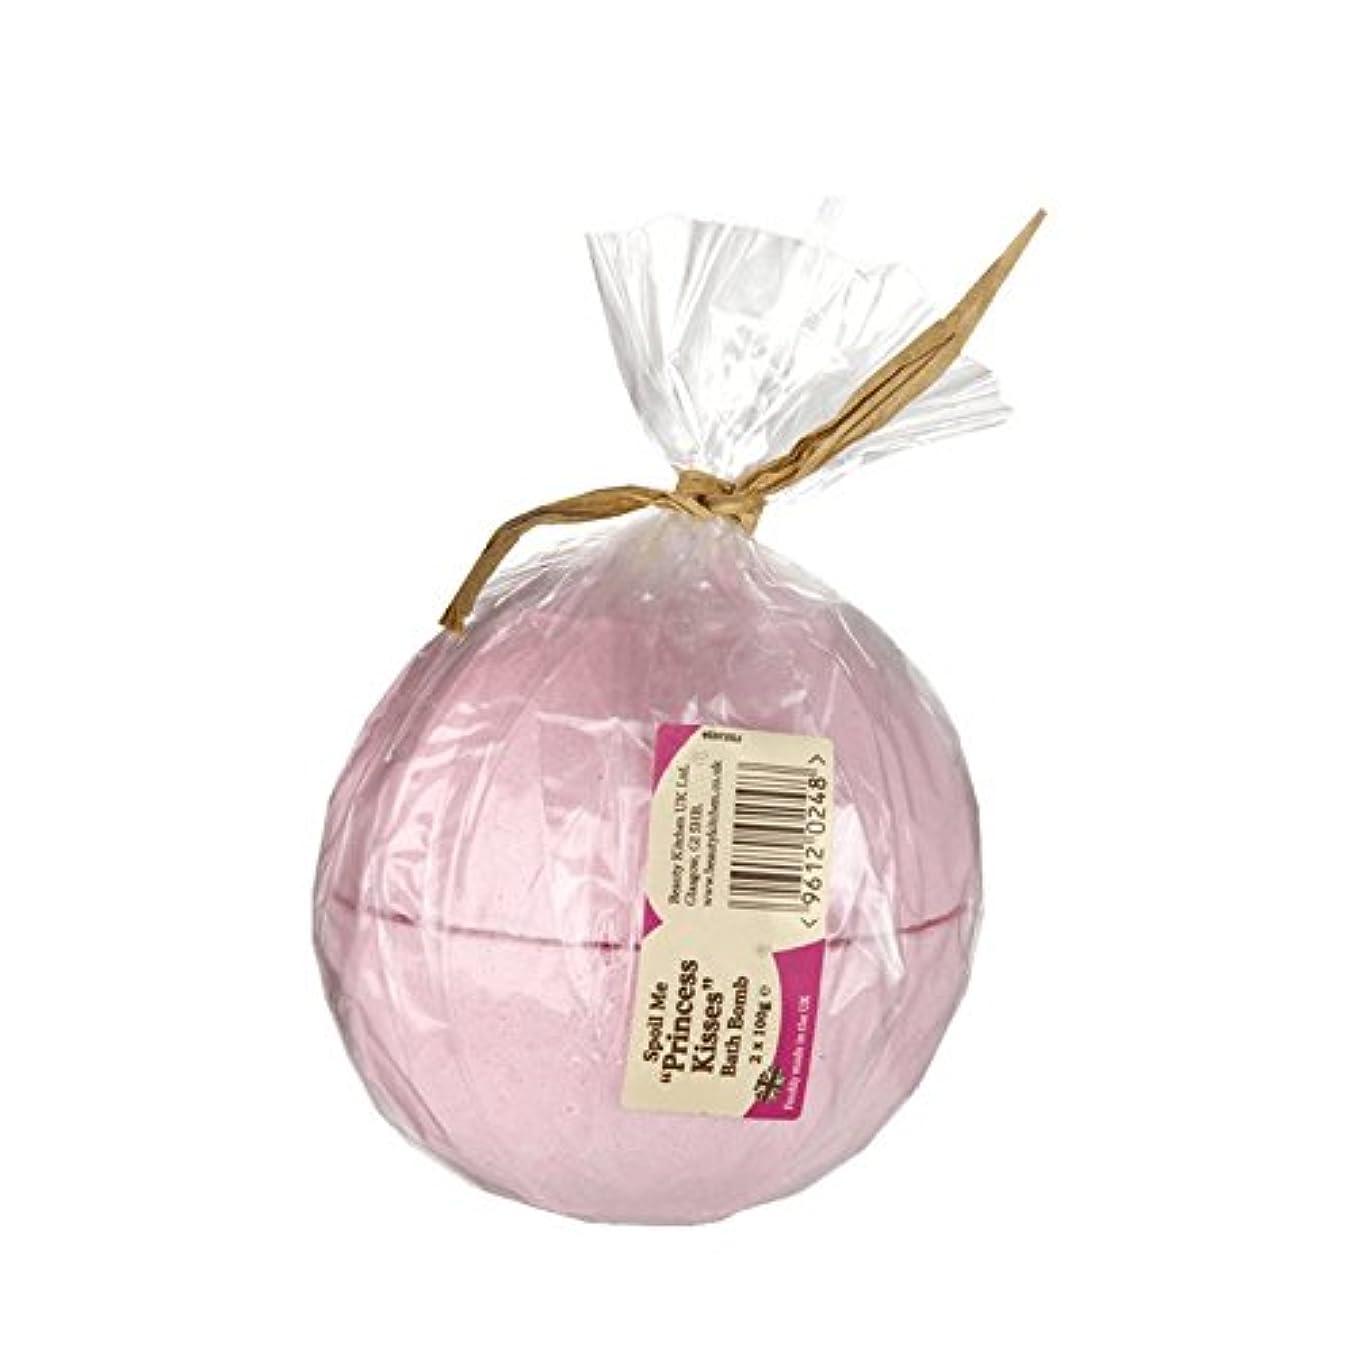 辛なスタイルスキャンダラスBeauty Kitchen Spoil Me Princess Kisses Bath Bomb 2 x 100g (Pack of 2) - 私台無し美容キッチン王女は、お風呂爆弾2×100グラムをキス (x2) [...